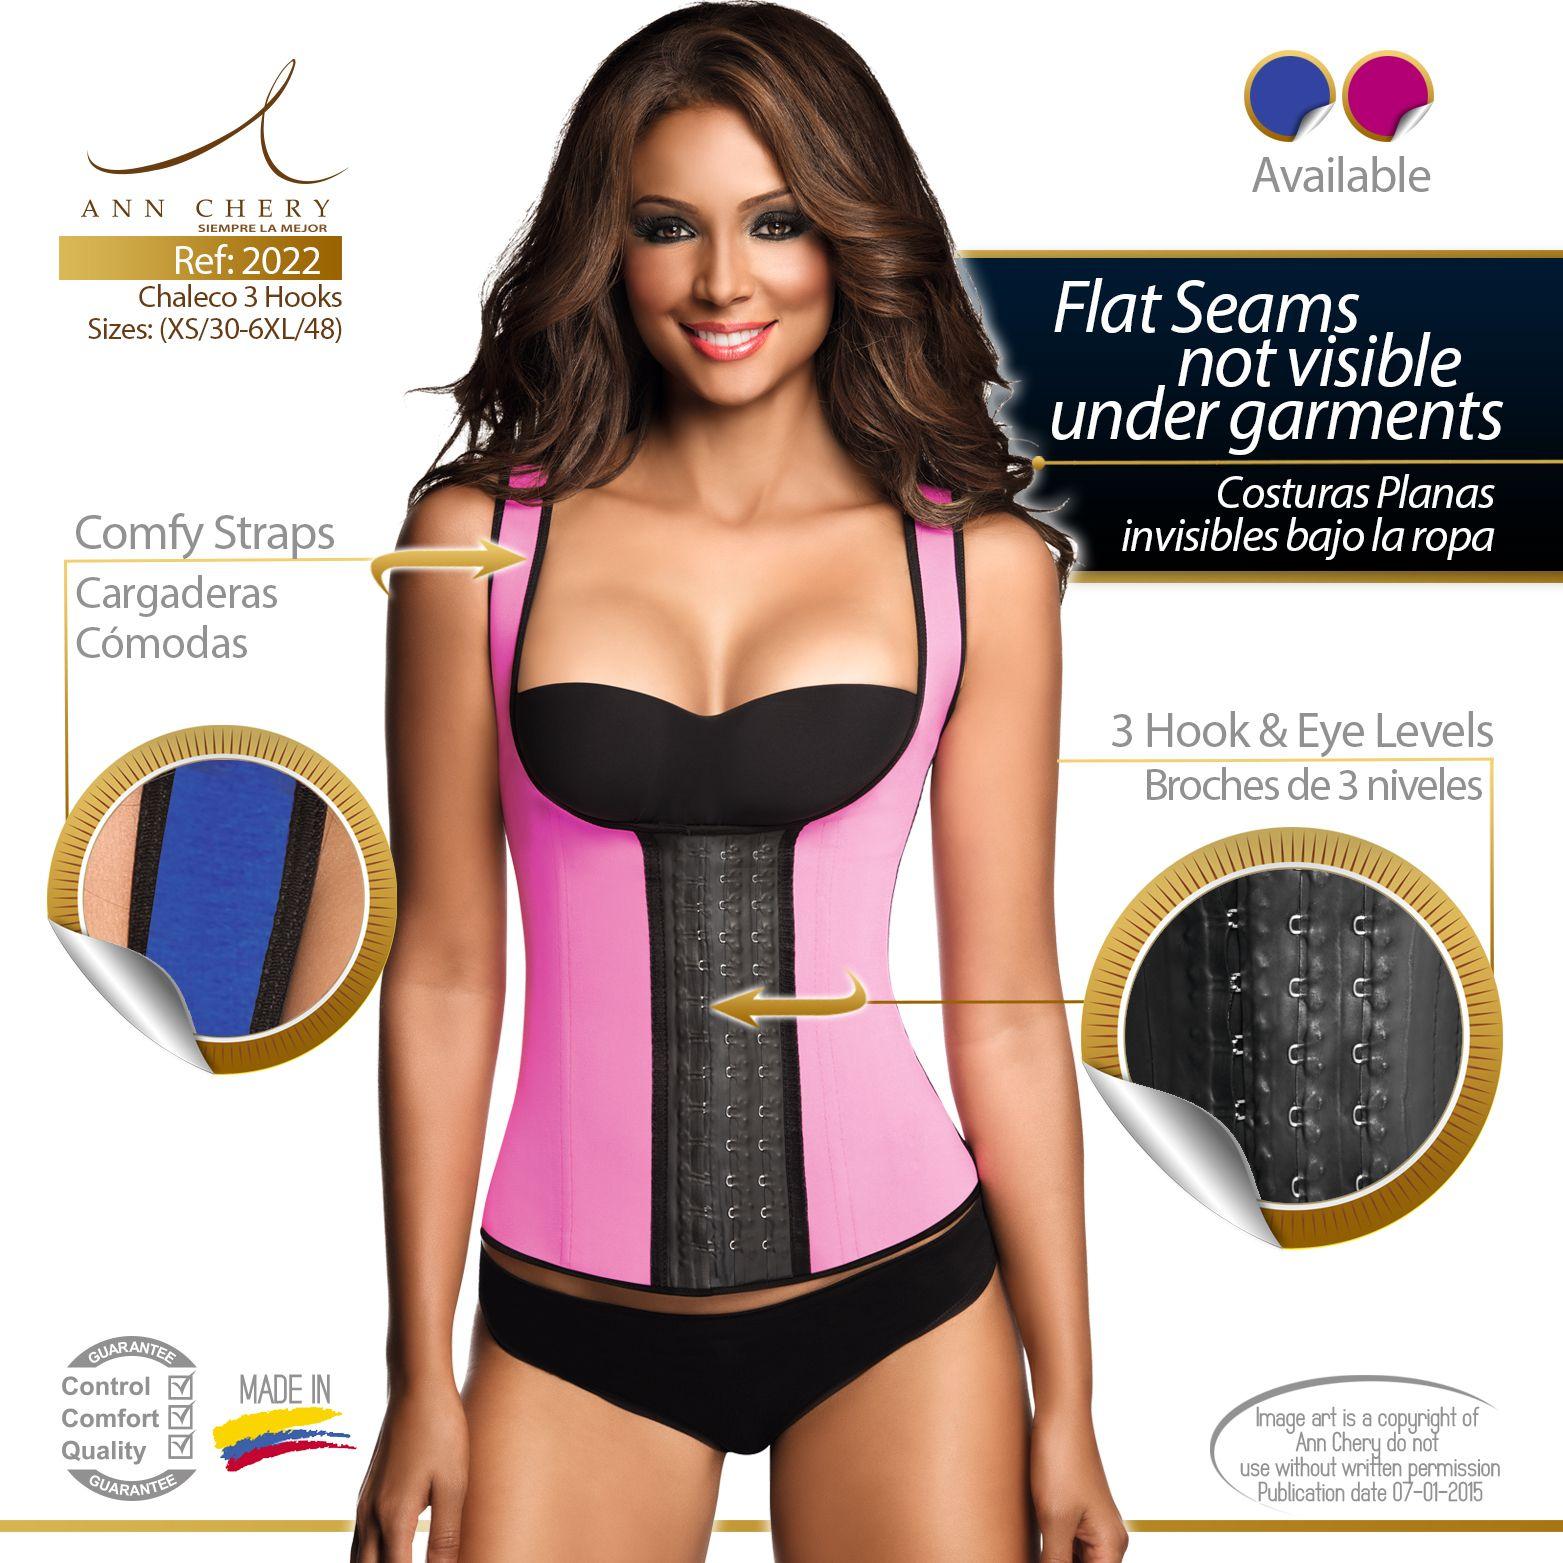 dd7664ed287 Ann Chery 3 Hook Long Deportiva Sport Latex Vest Body Shaper